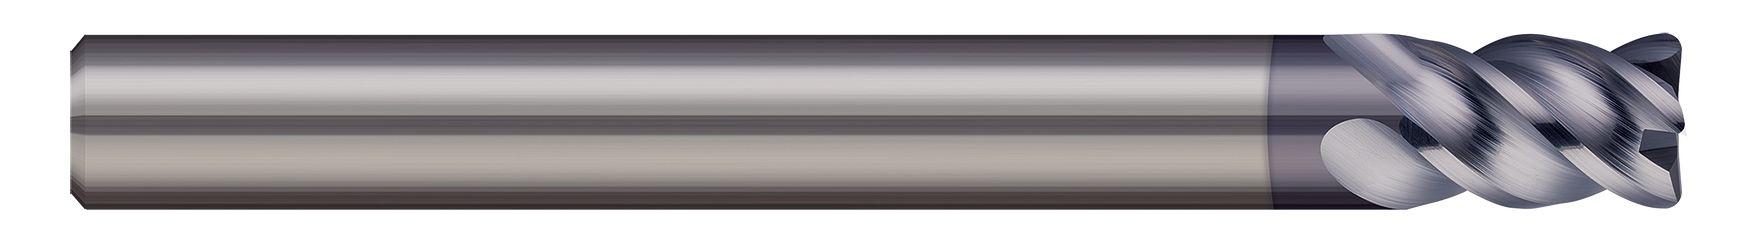 tool-details-HMCM-1610-4X